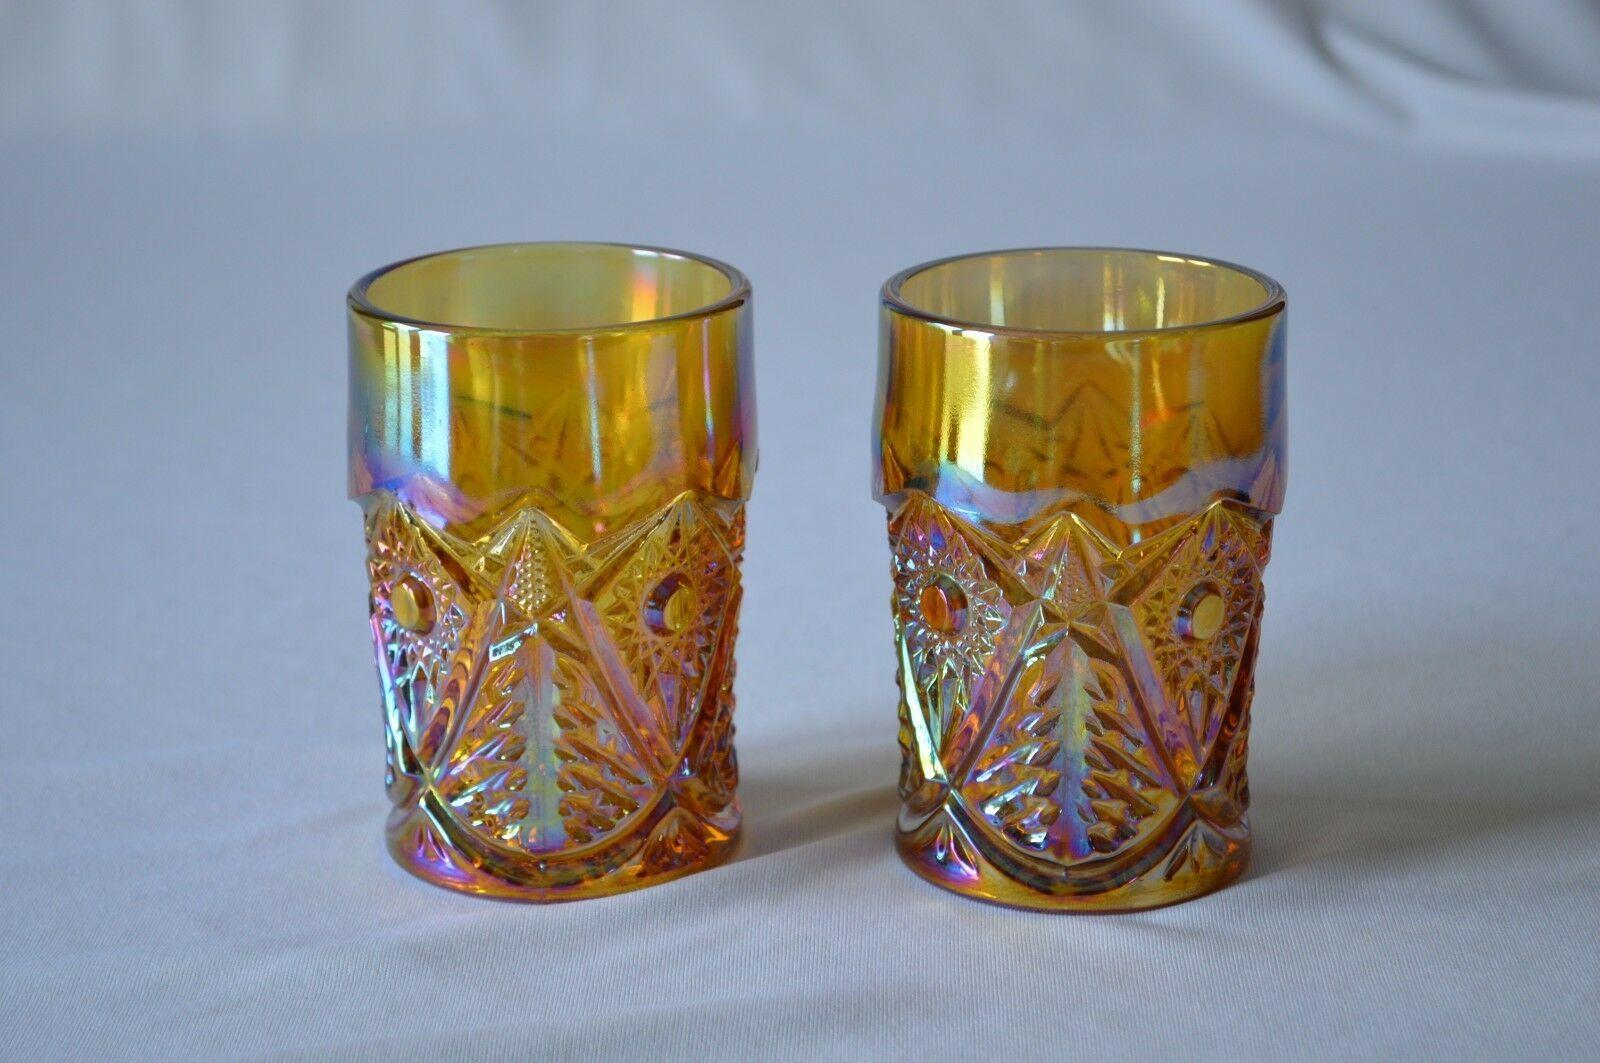 2 L E Smith Carnival Glass Valtec Tumblers image 2